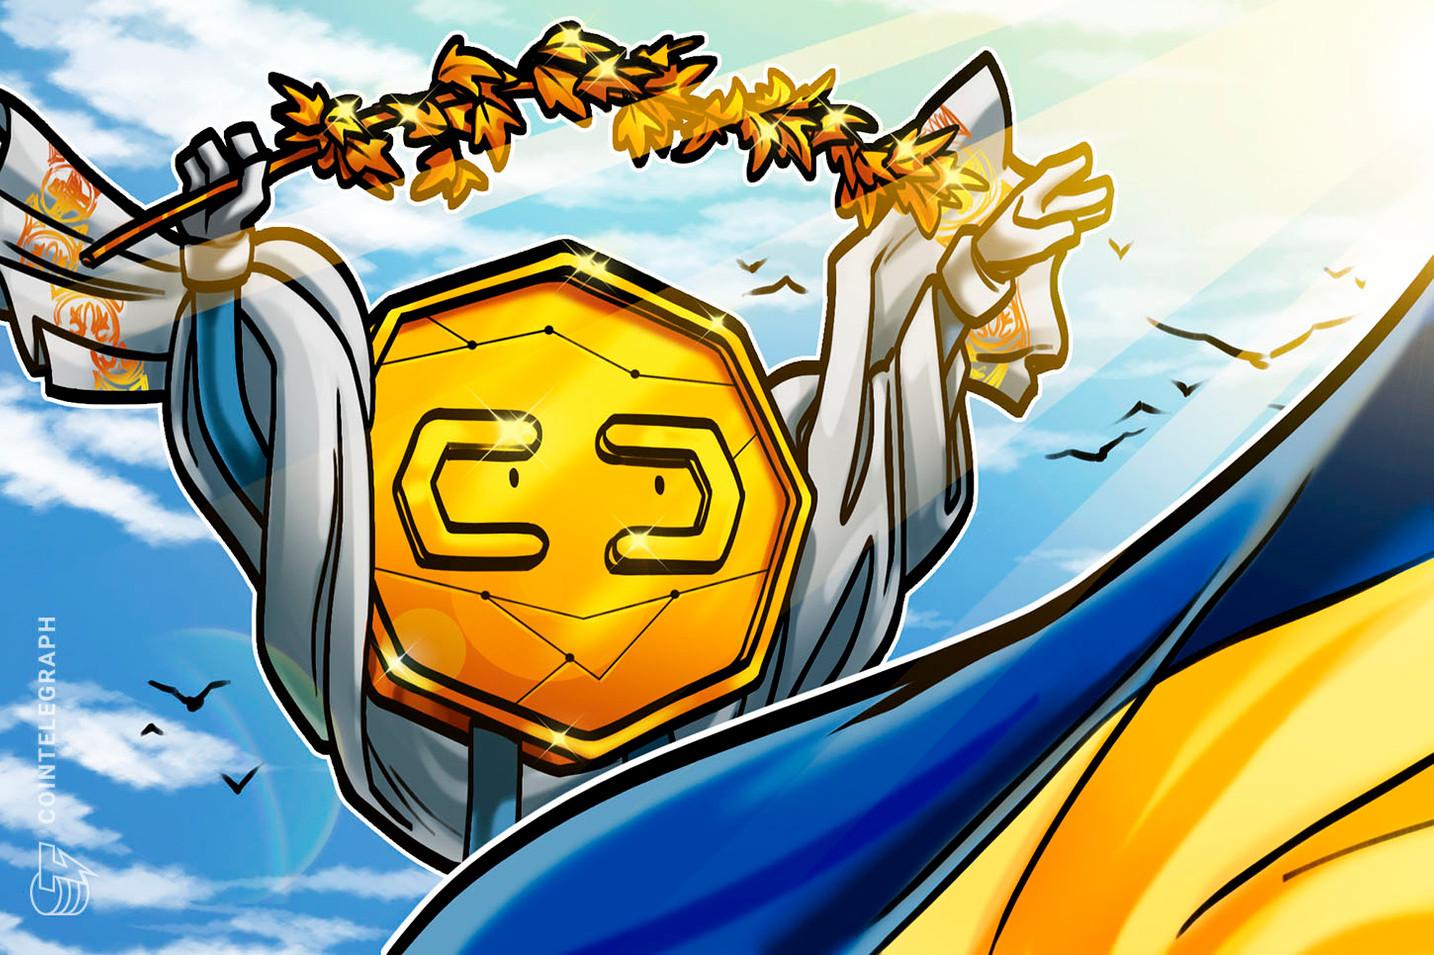 ウクライナ国立銀行、正式にデジタル通貨を発行することが可能に